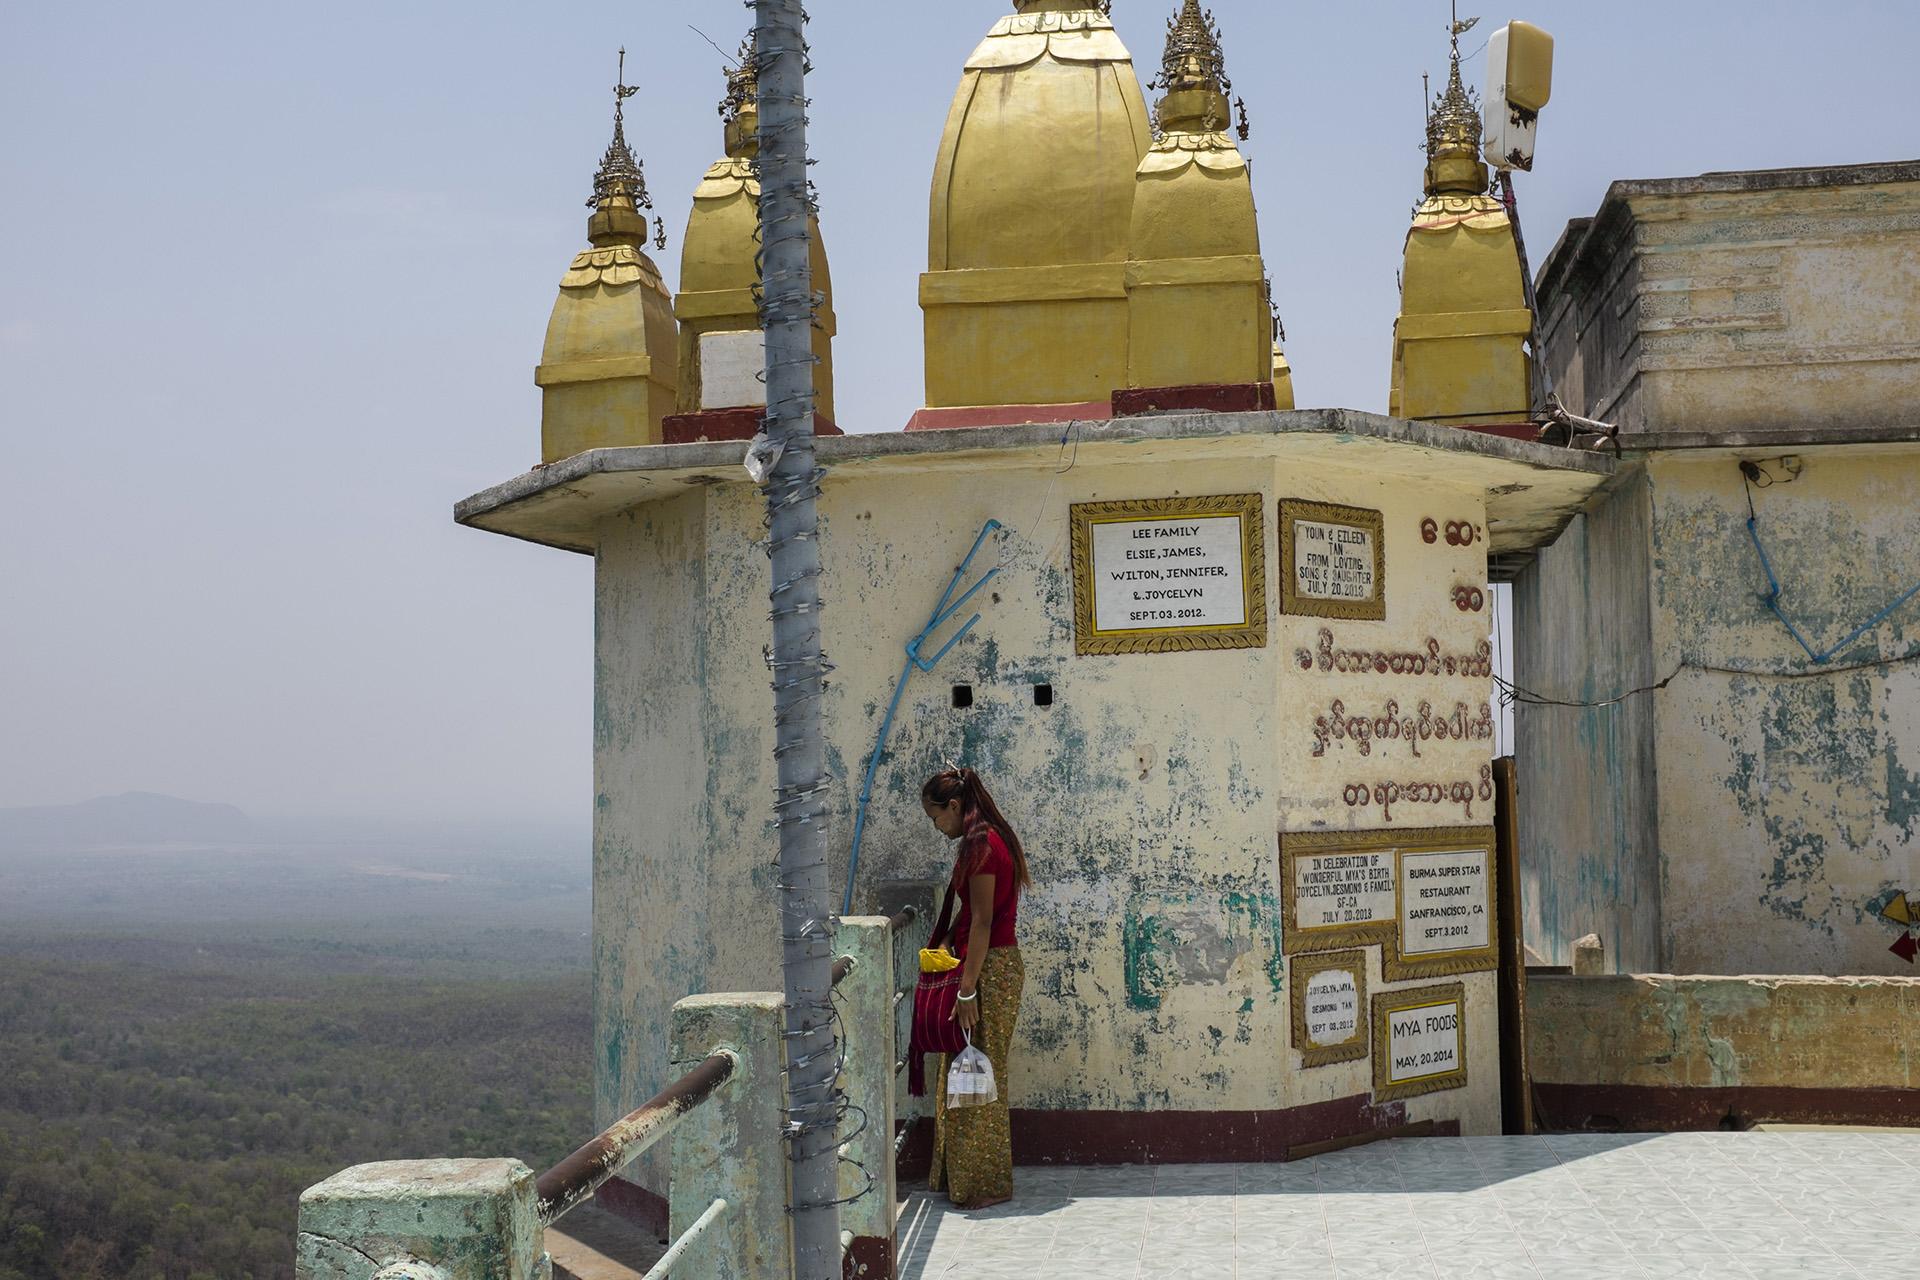 Le mont Popa dans les environs de Bagan est la demeure de 37 Nats. Les nats sont des esprits et sont très vénérés par les Birmans qui font le pélerinage sur le site pour amener des offrandes. Souvent pour assurer le succès de leur Business. Birmanie, Mai 2015.